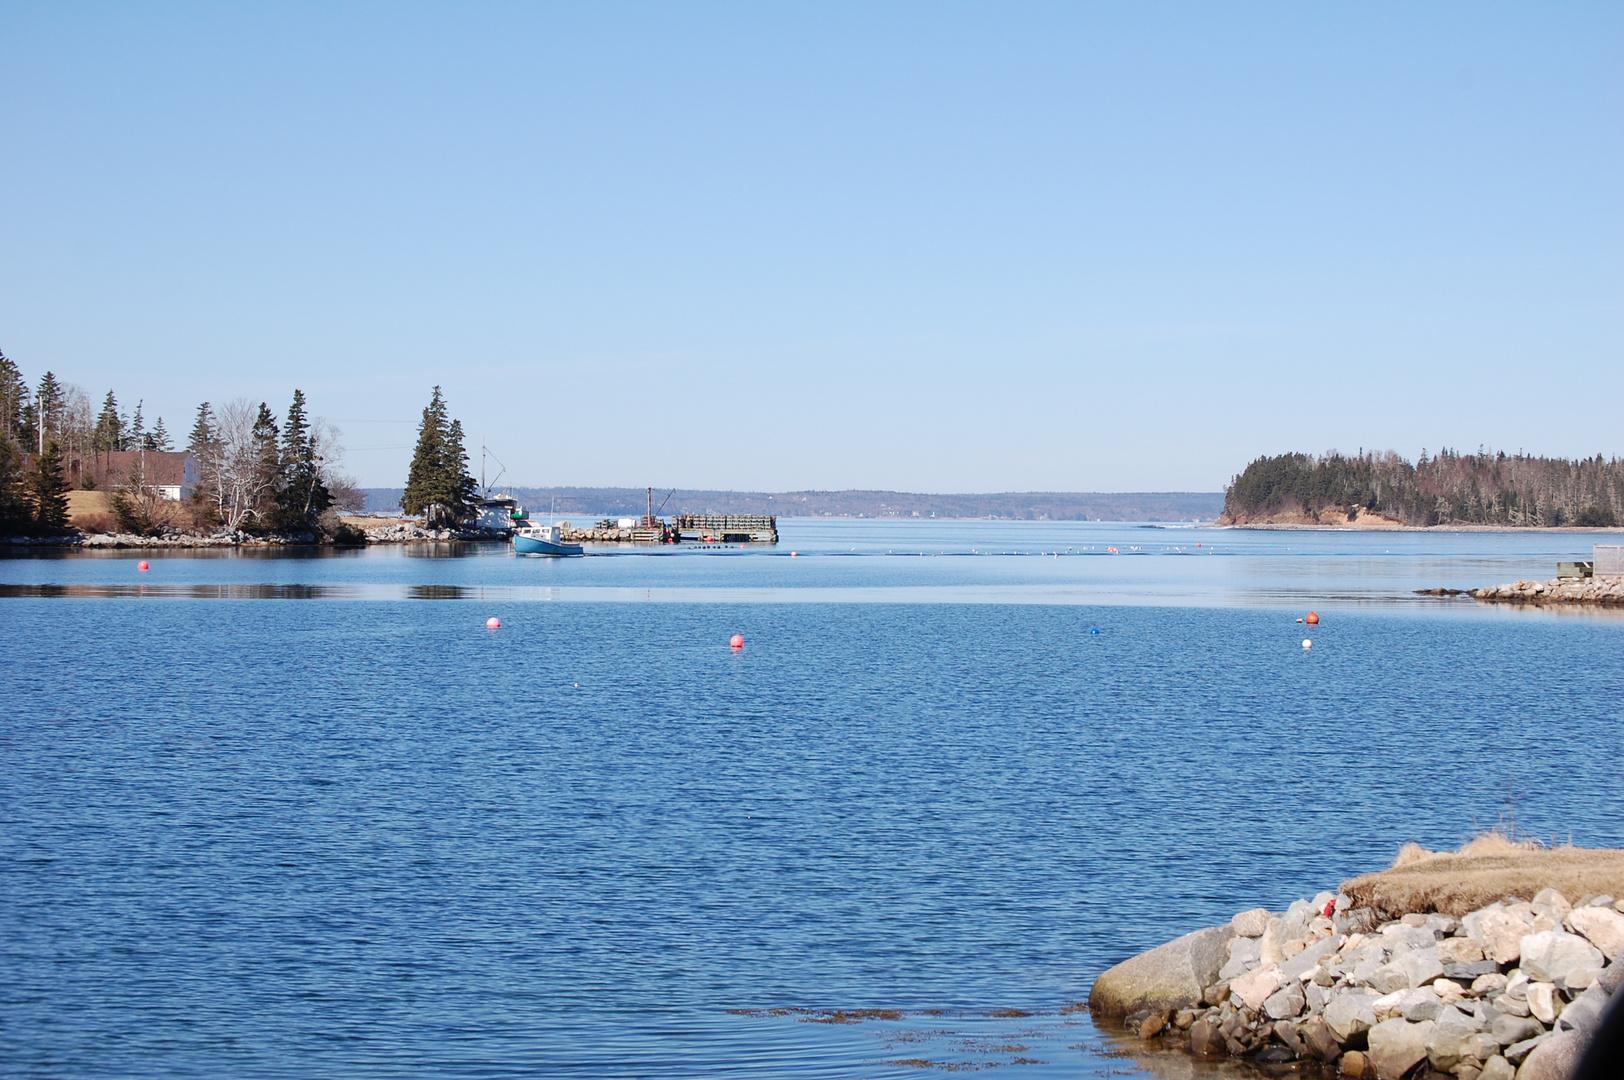 Close to Peggys Cove